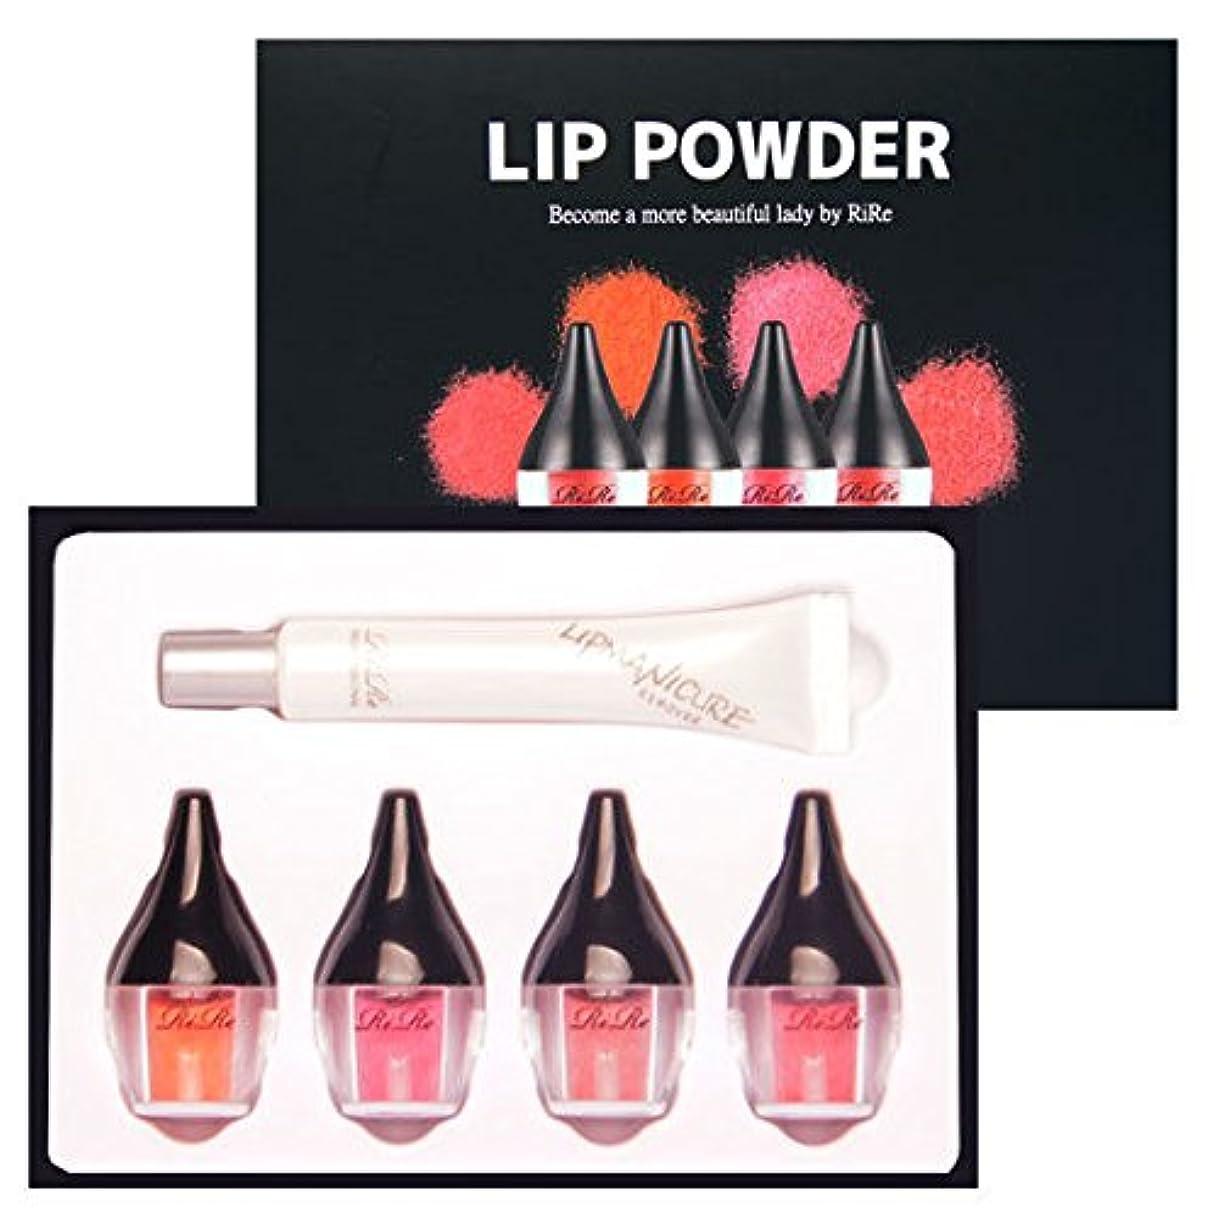 負クッション保証金[リール]RiRe LIP POWDER Set+Removerパウダーセット+リムーバー(4+1=5)化粧品made in korea (海外直送品)